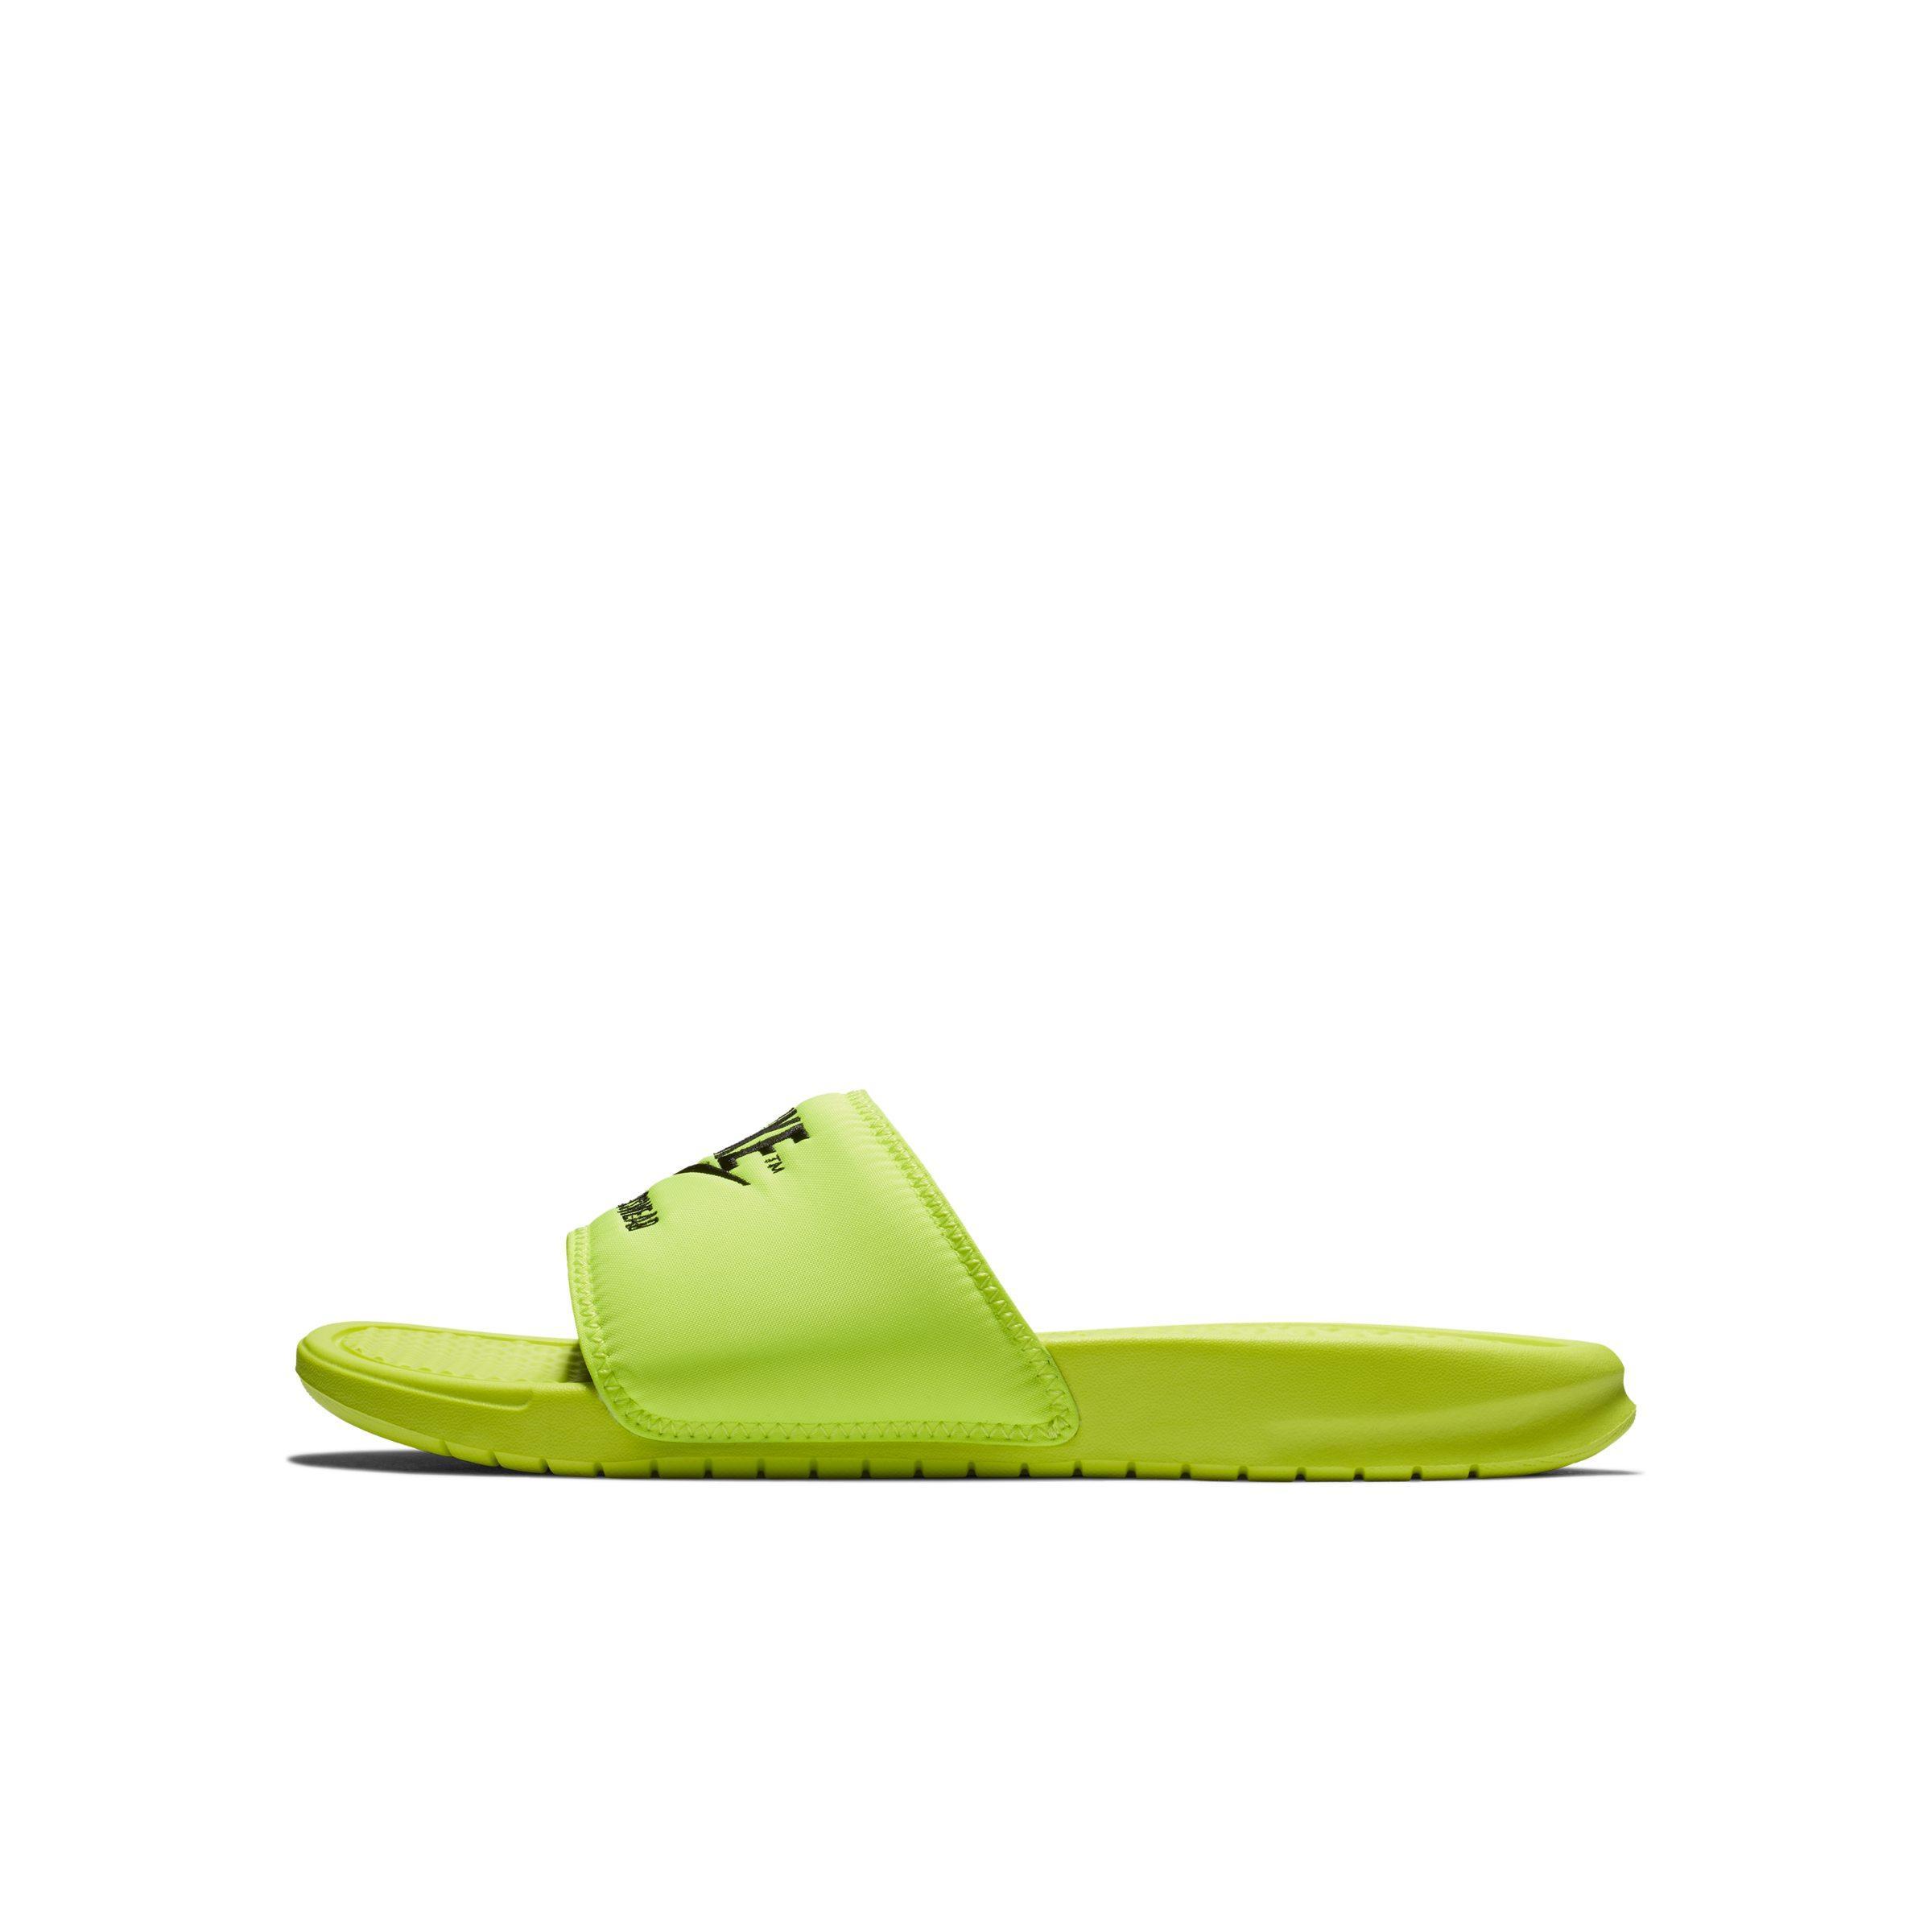 d5c630323b9 Lyst - Claquette Benassi JDI TXT SE pour Homme Nike pour homme en ...